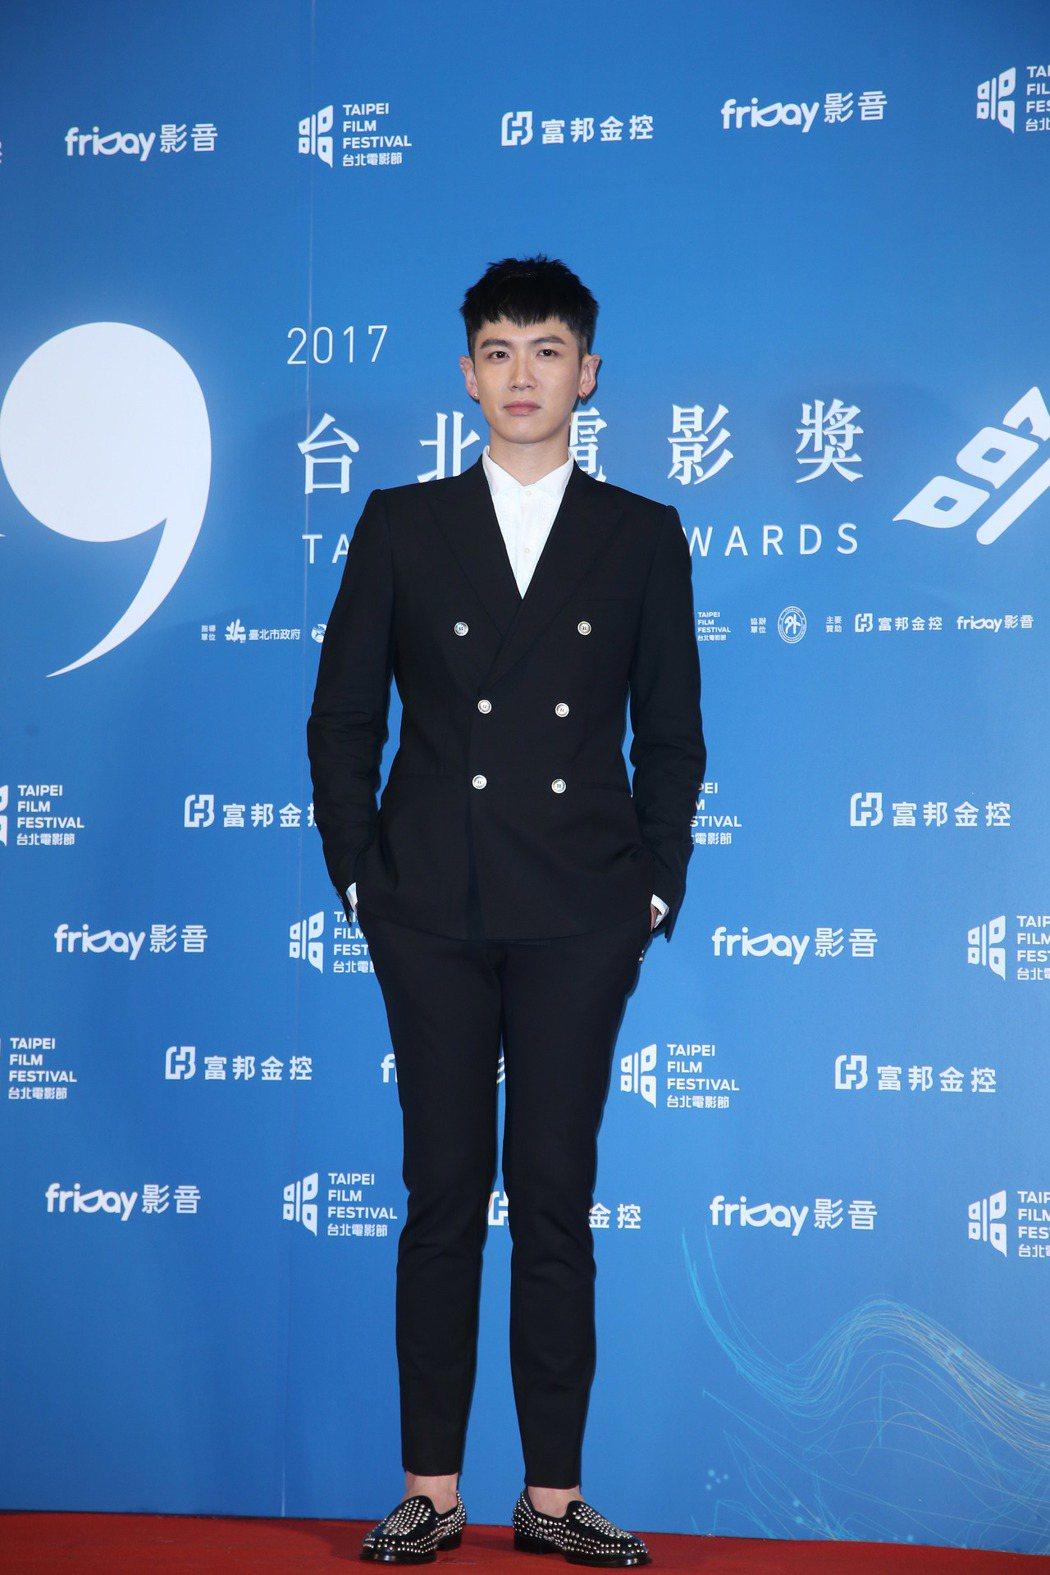 再見瓦城演員柯震東出席台北電影節頒獎典禮。記者陳瑞源/攝影